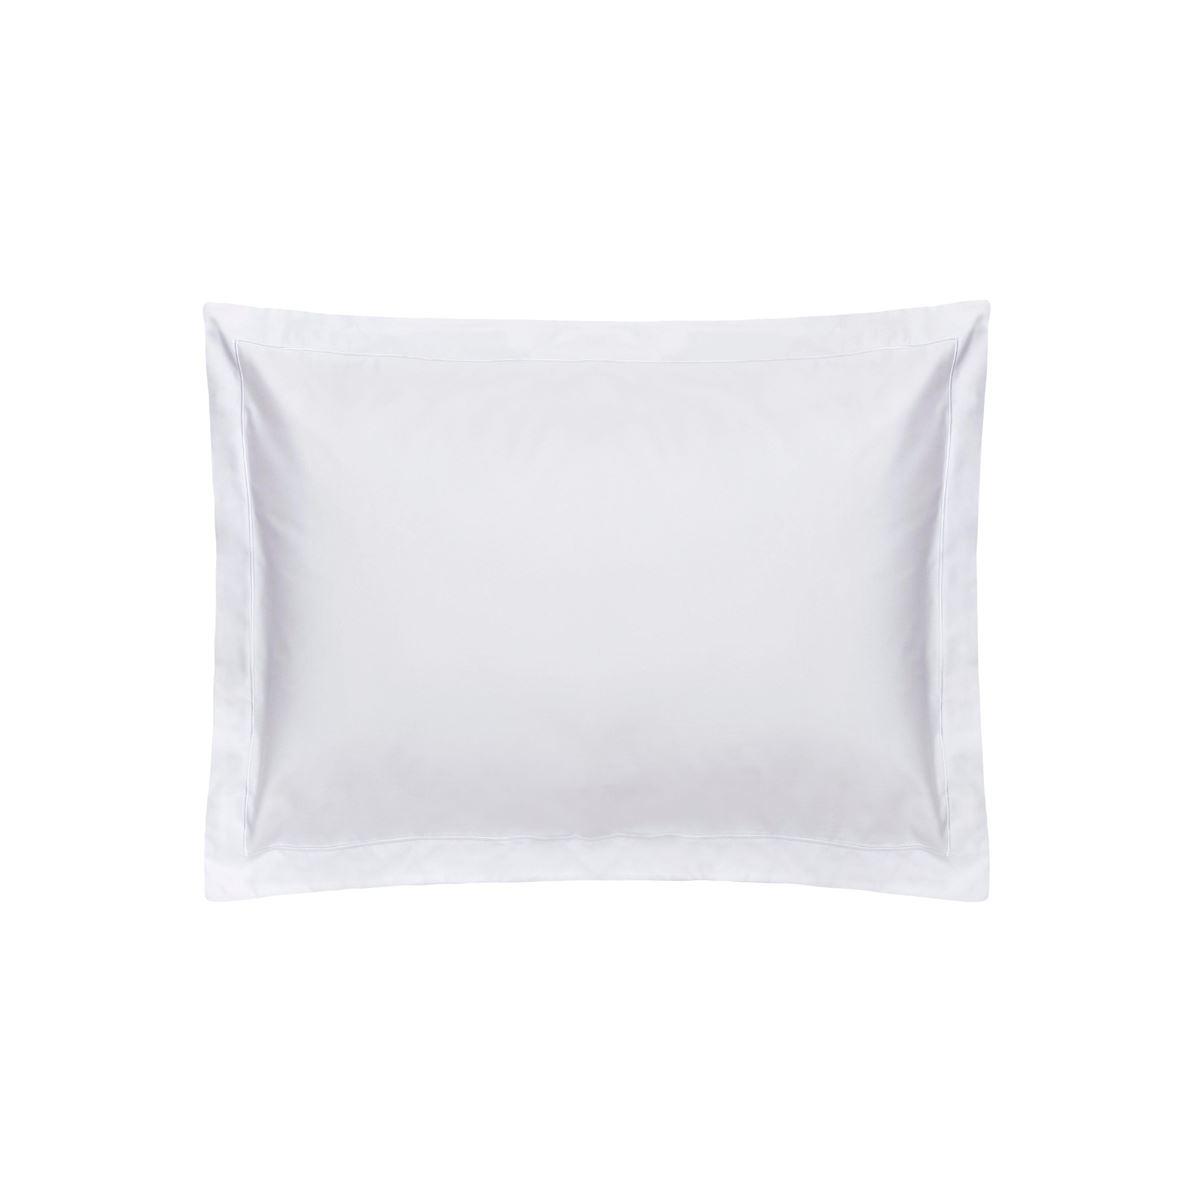 Belledorm Egyptian Cotton Oxford Pillowcase White